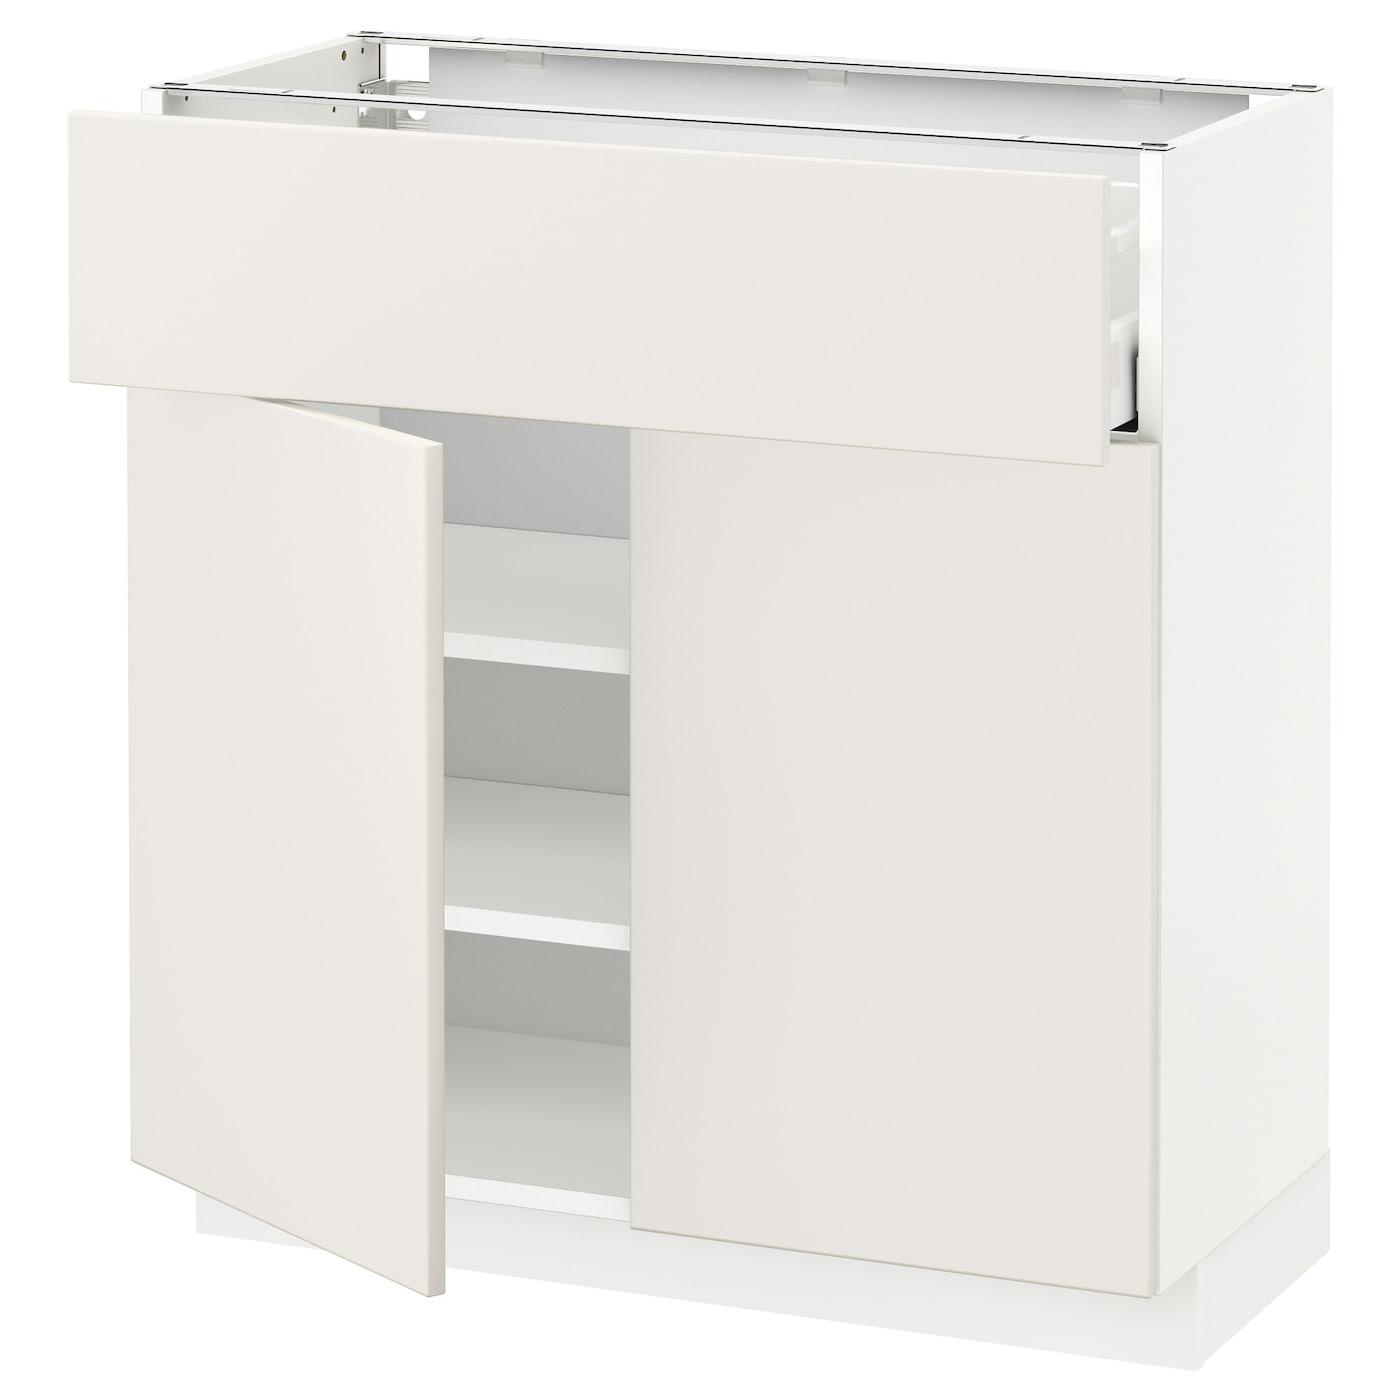 Ikea Kitchen Veddinge White: METOD/MAXIMERA Base Cabinet With Drawer/2 Doors White